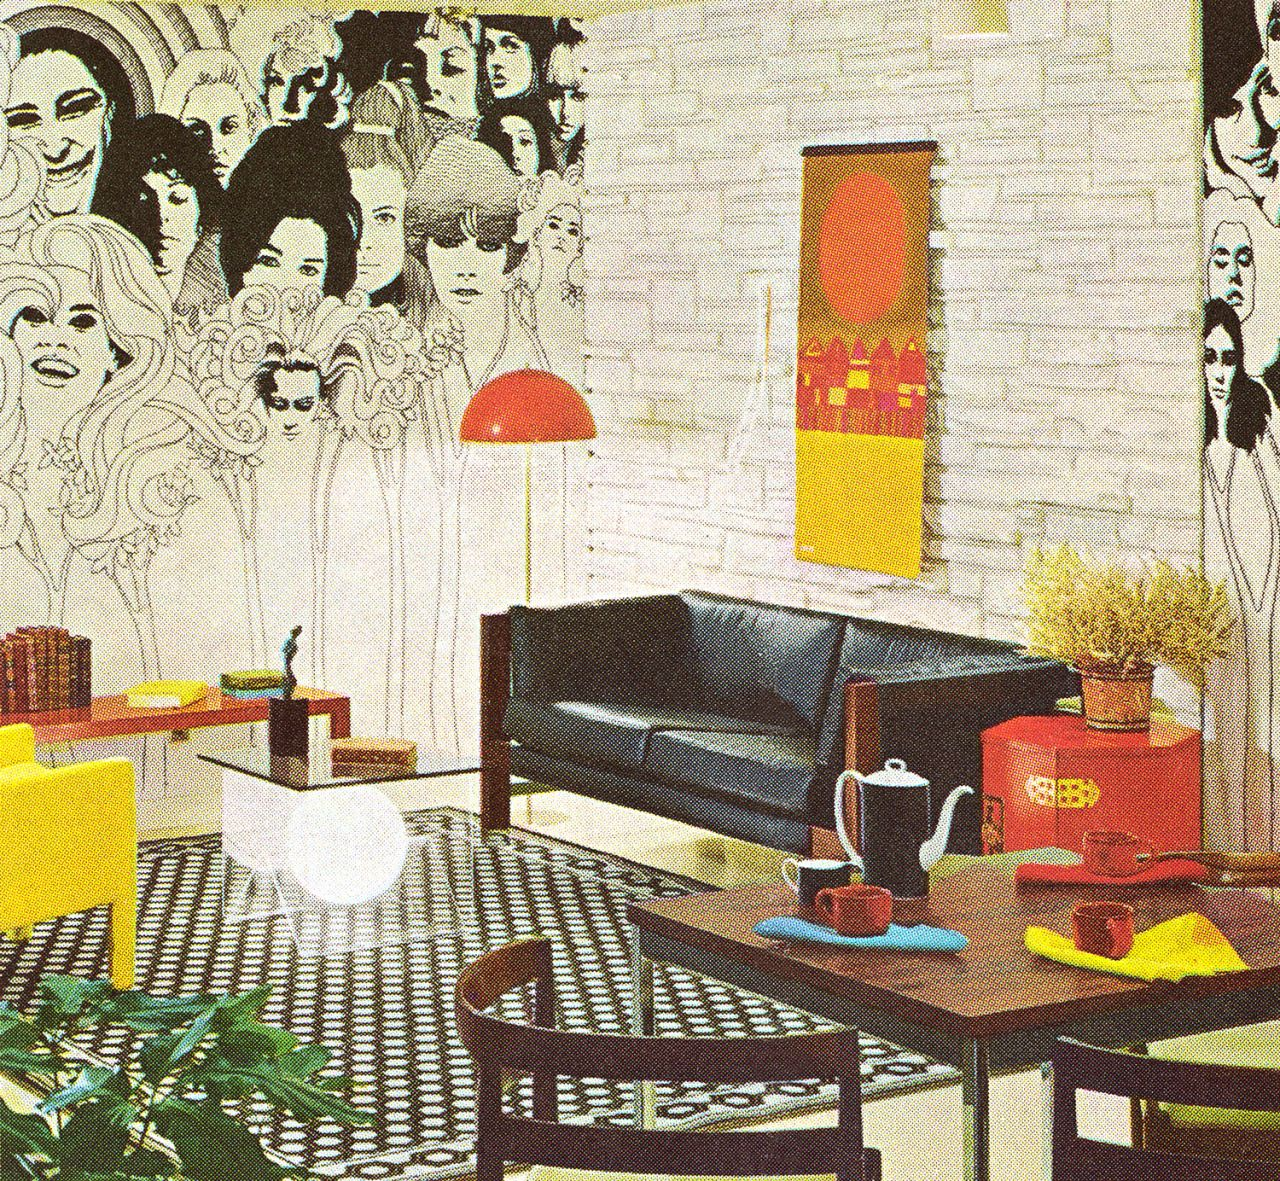 Interior Design By Retro Interiors: Pin By Circa 78 Designs On 70s Design + Interior Decor